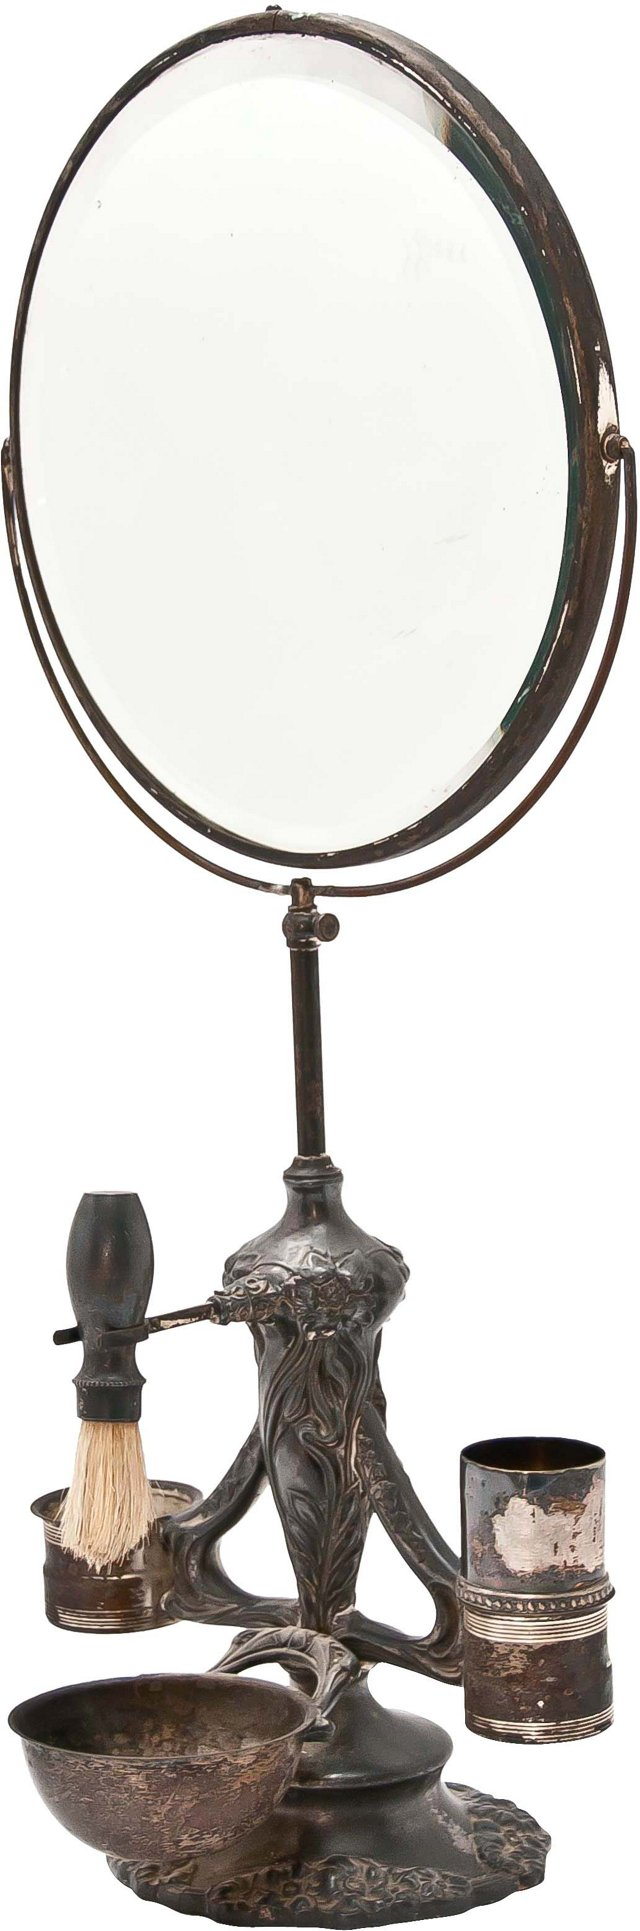 Art Nouveau Shaving Mirror